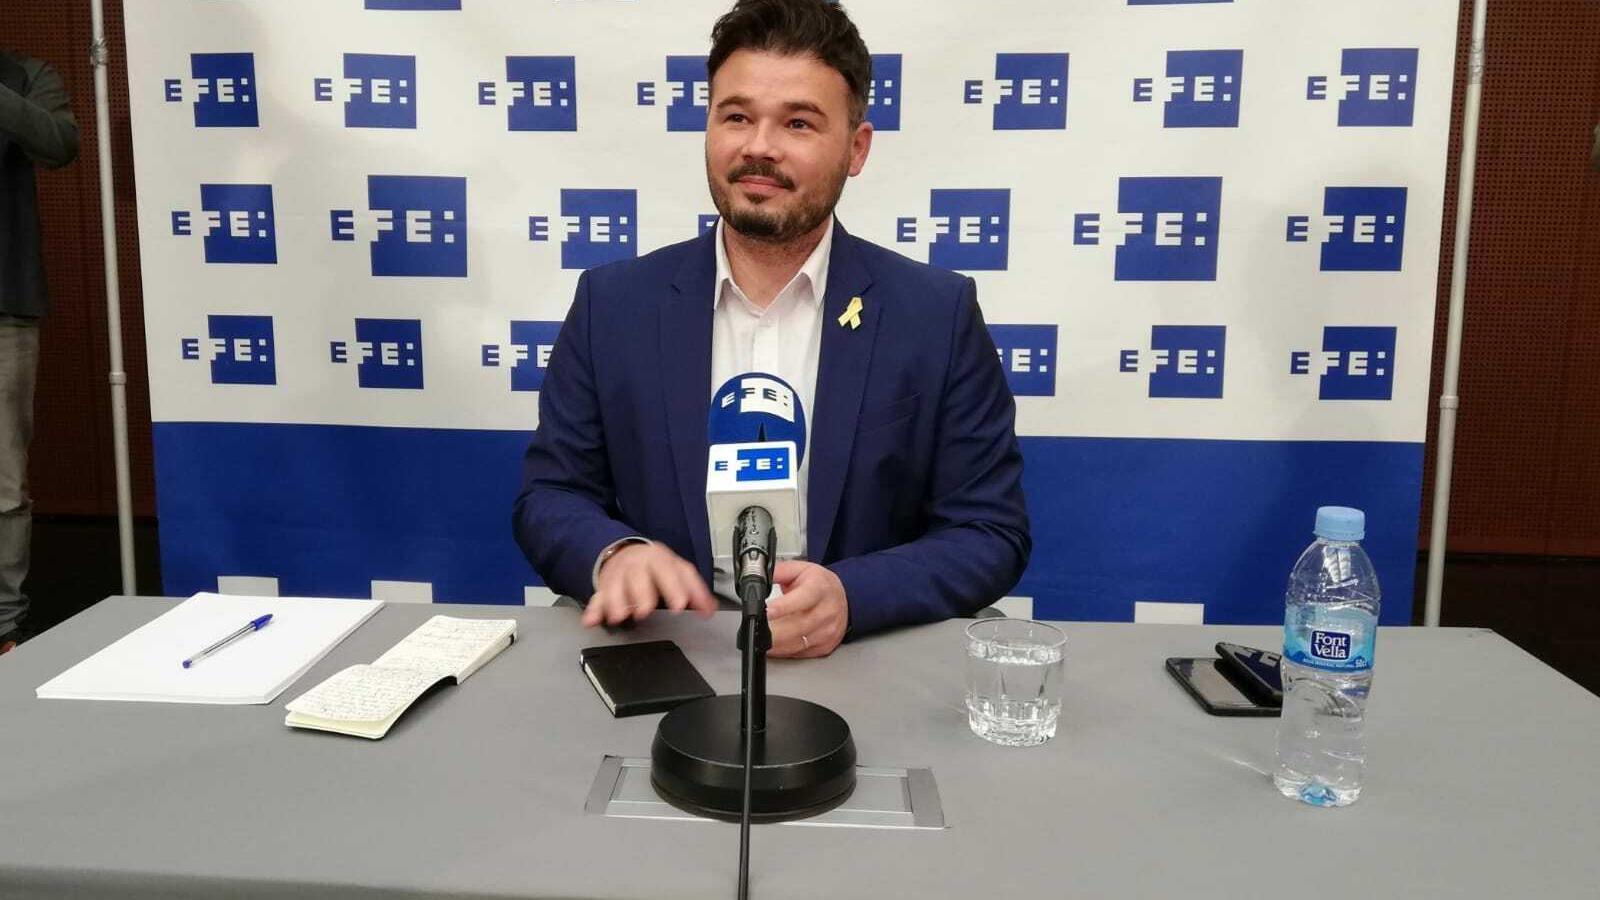 ERC presentarà al Congrés una llei per fixar la llibertat dels presos polítics i la fi de les causes judicials